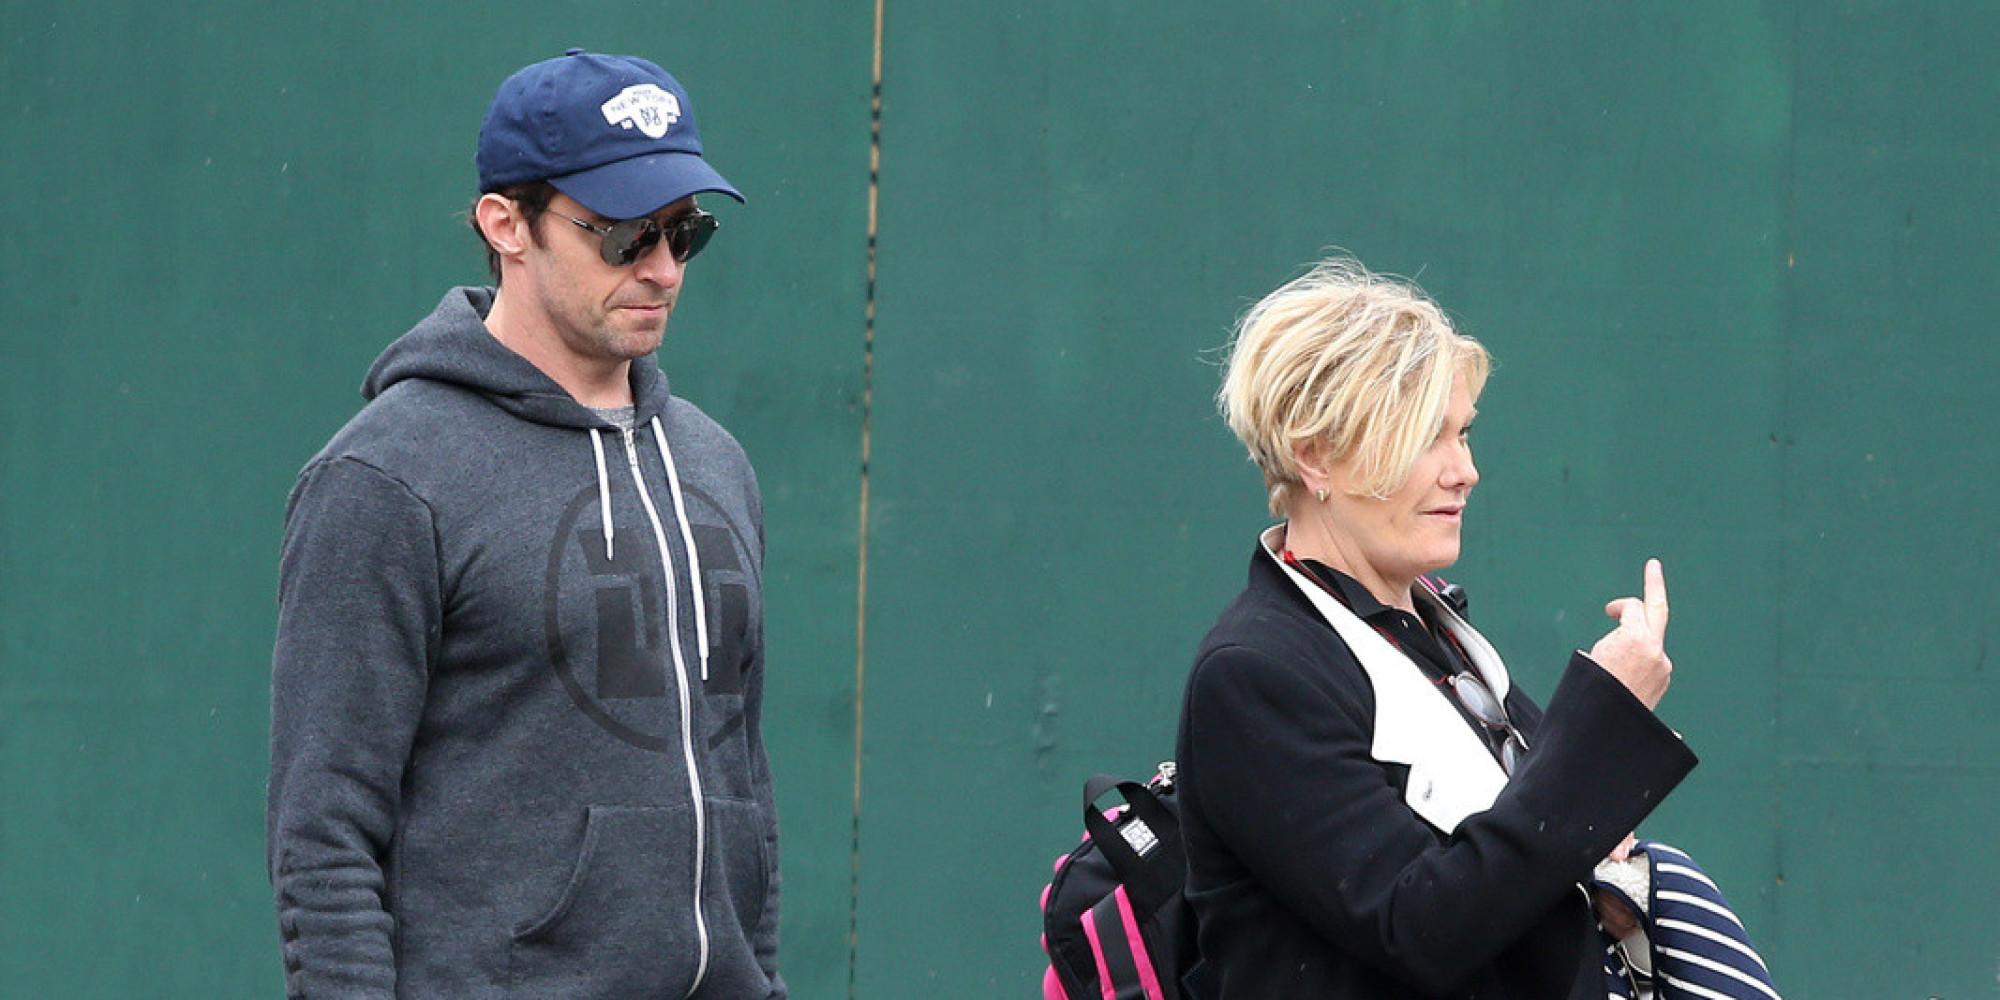 Hugh Jackman S Wife Deborra Lee Furness Flips The Bird